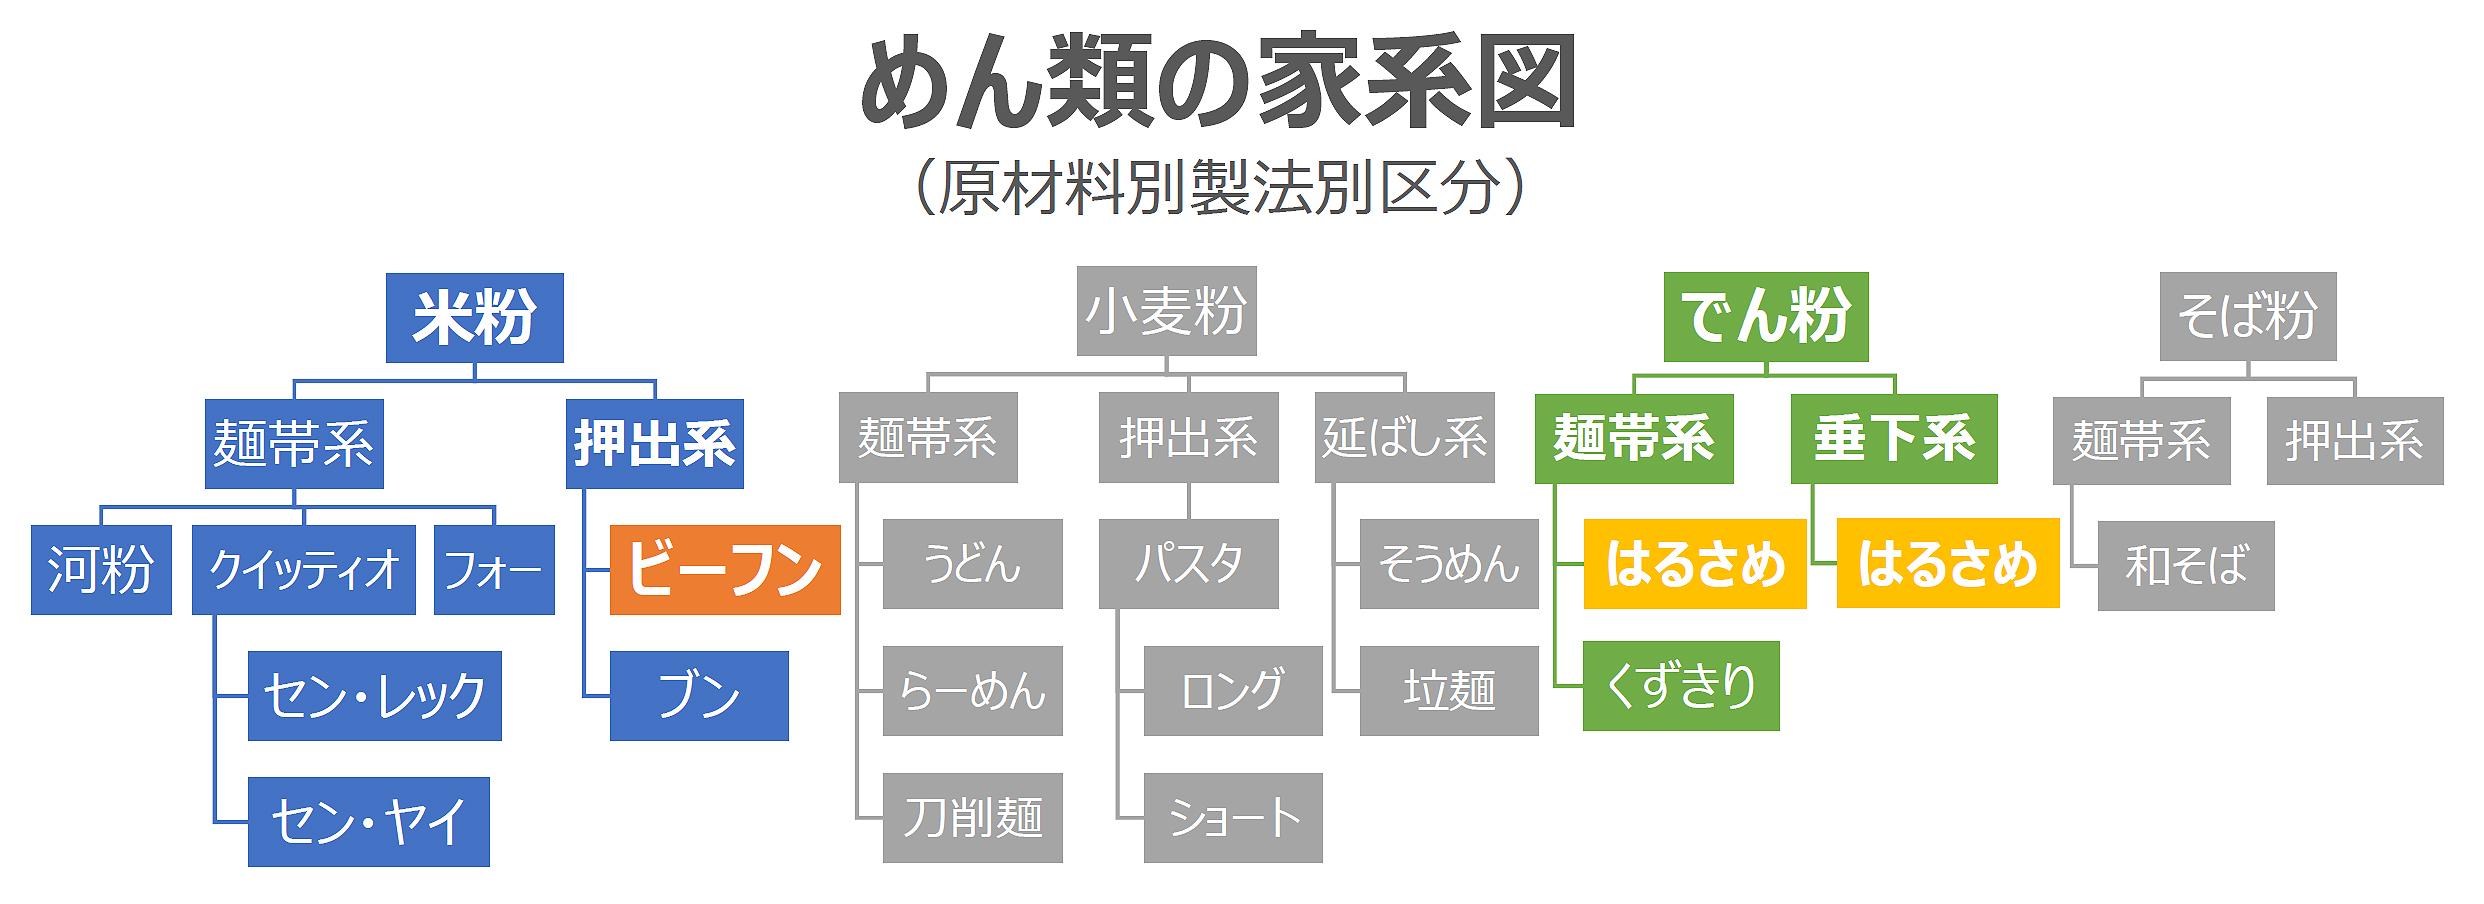 紹介!めん類の家系図!!